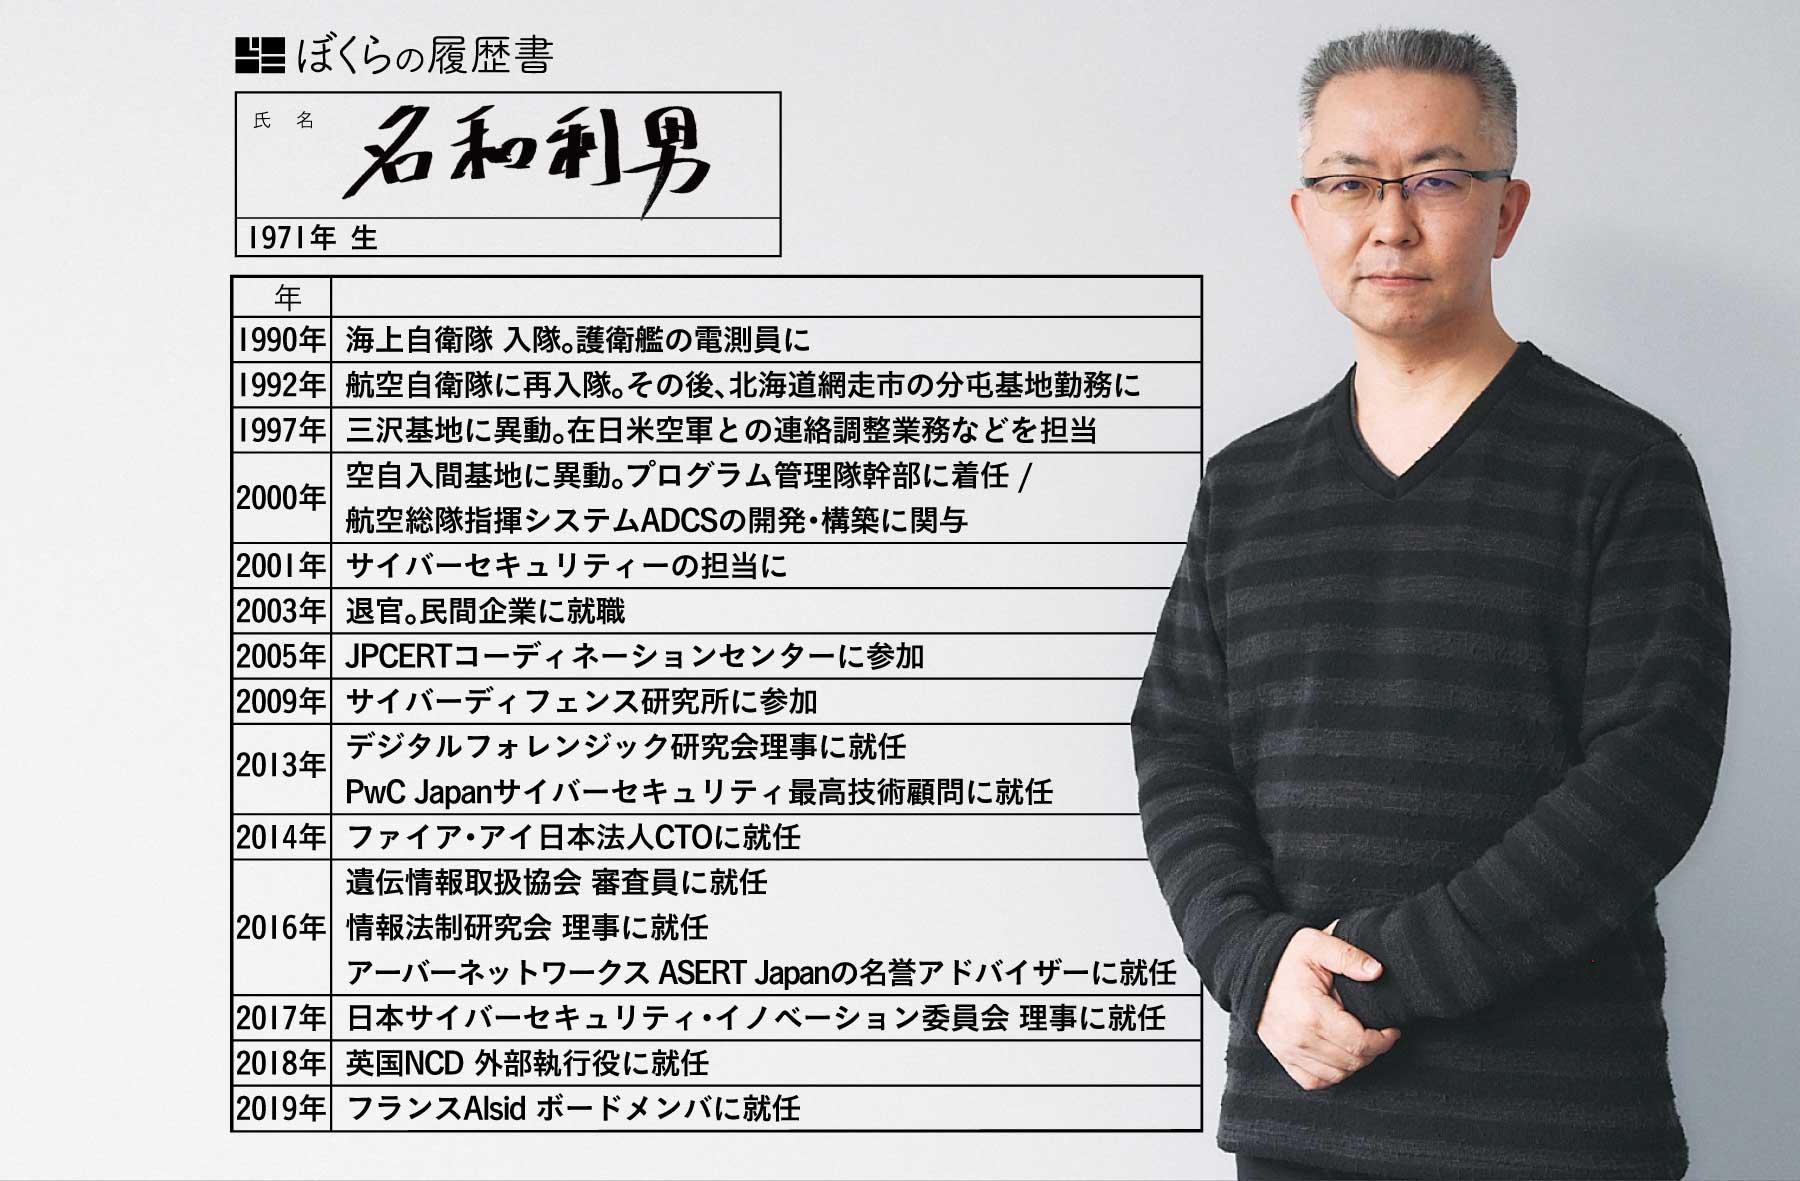 名和利男さんの履歴書